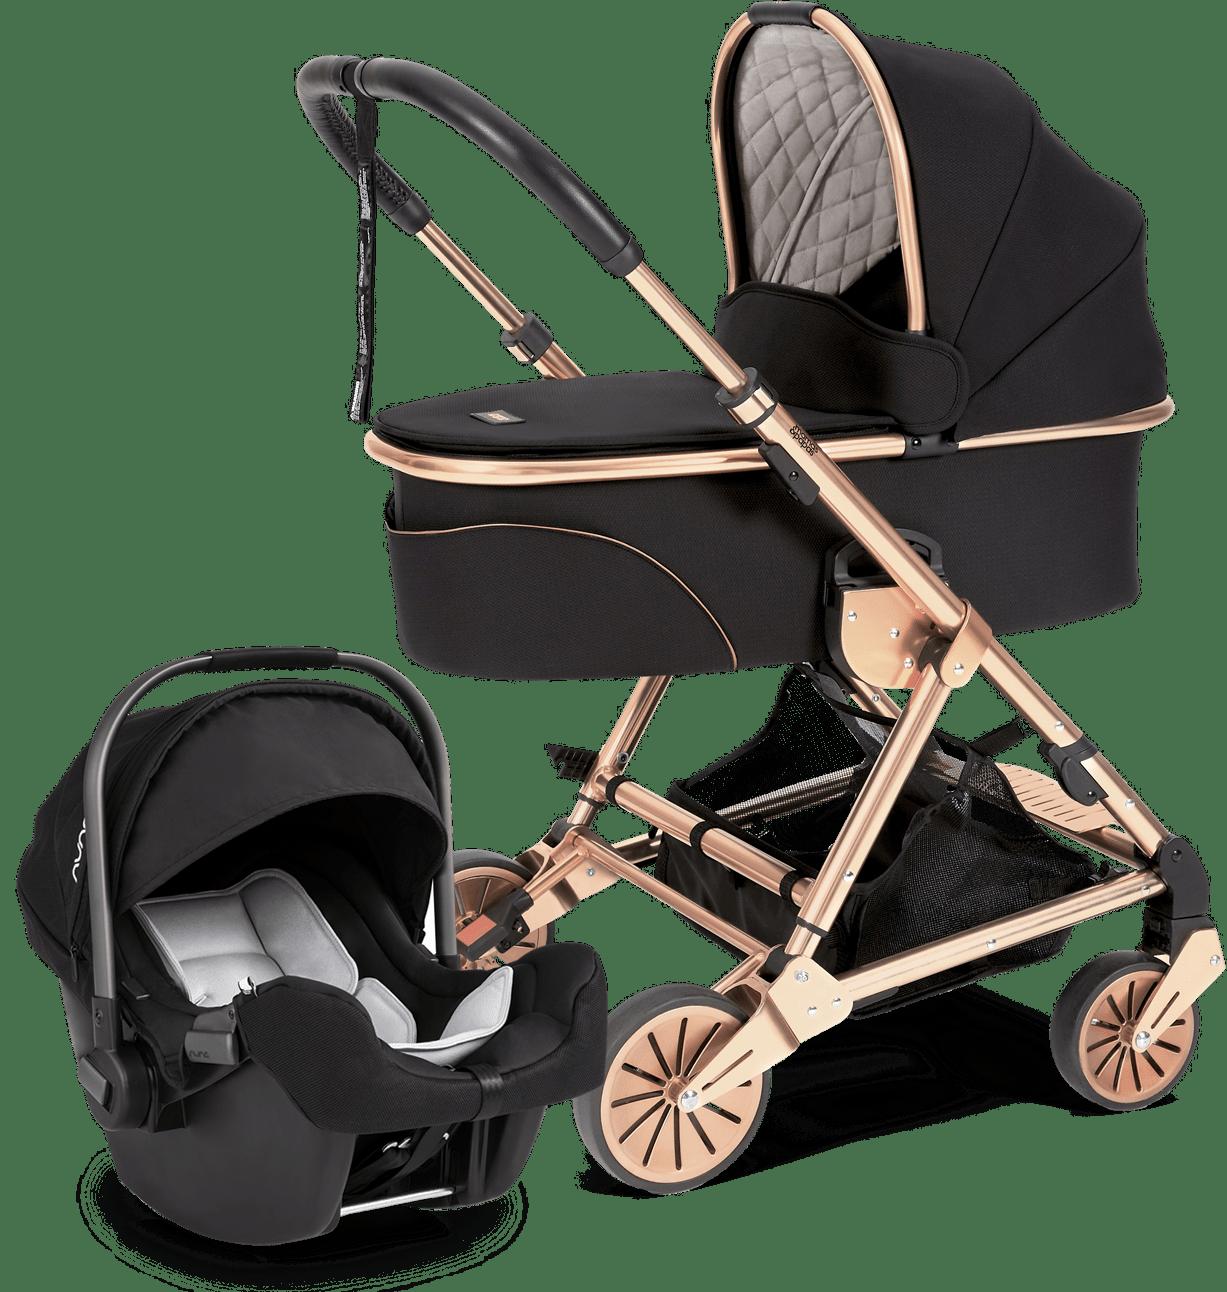 Mamas & Papas Urbo 2 Stroller, Signature Edition Black